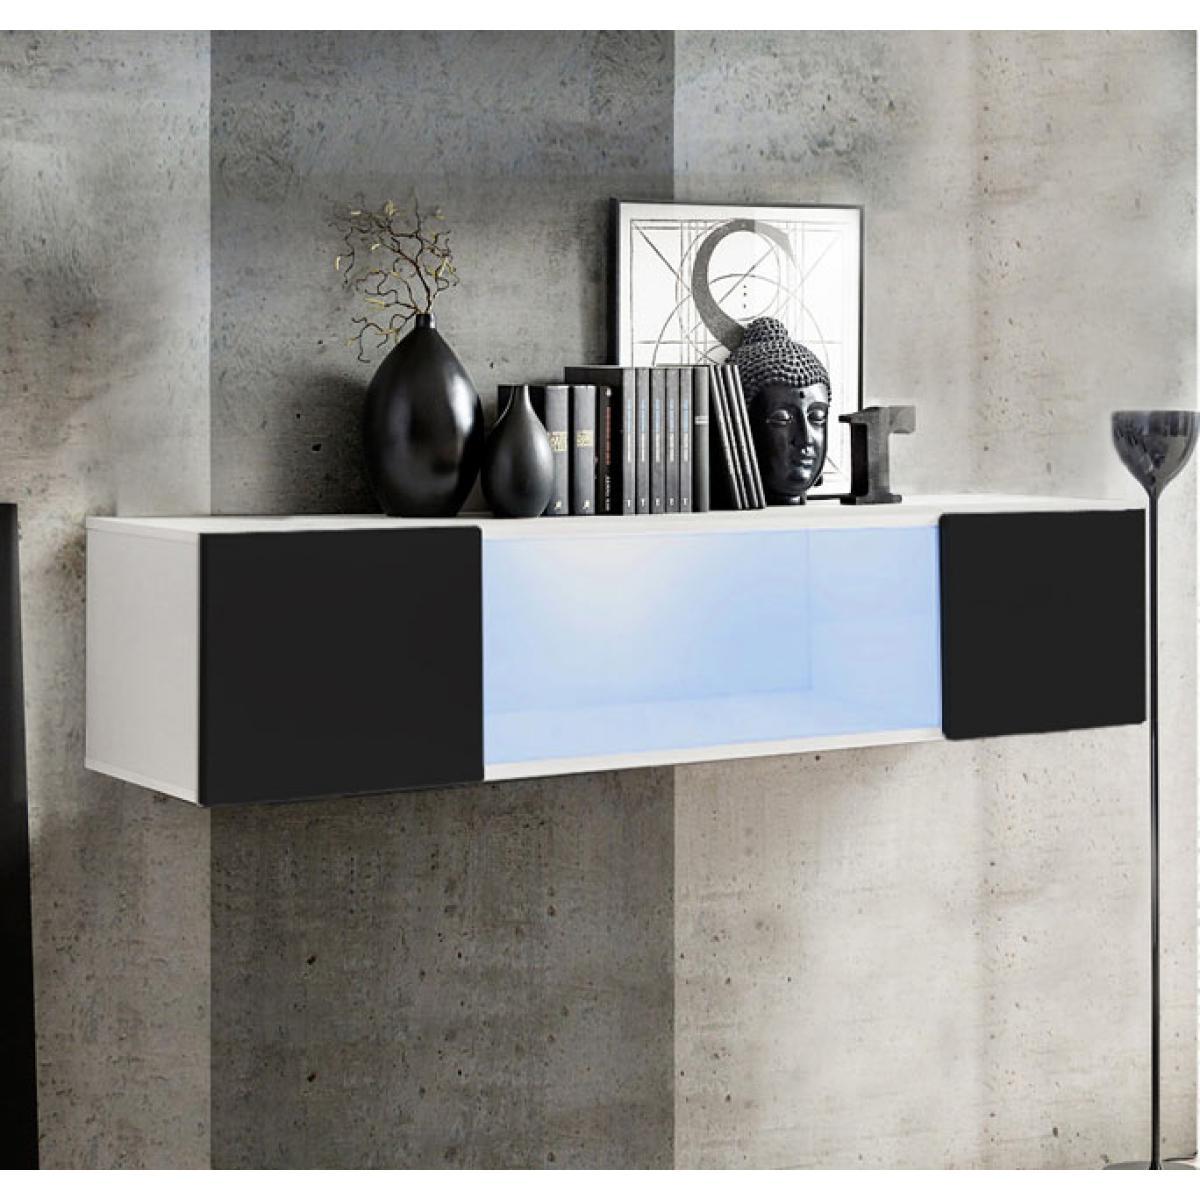 Design Ameublement Armoire murale modèle Krista H160CC (160x30cm) blanc et noir